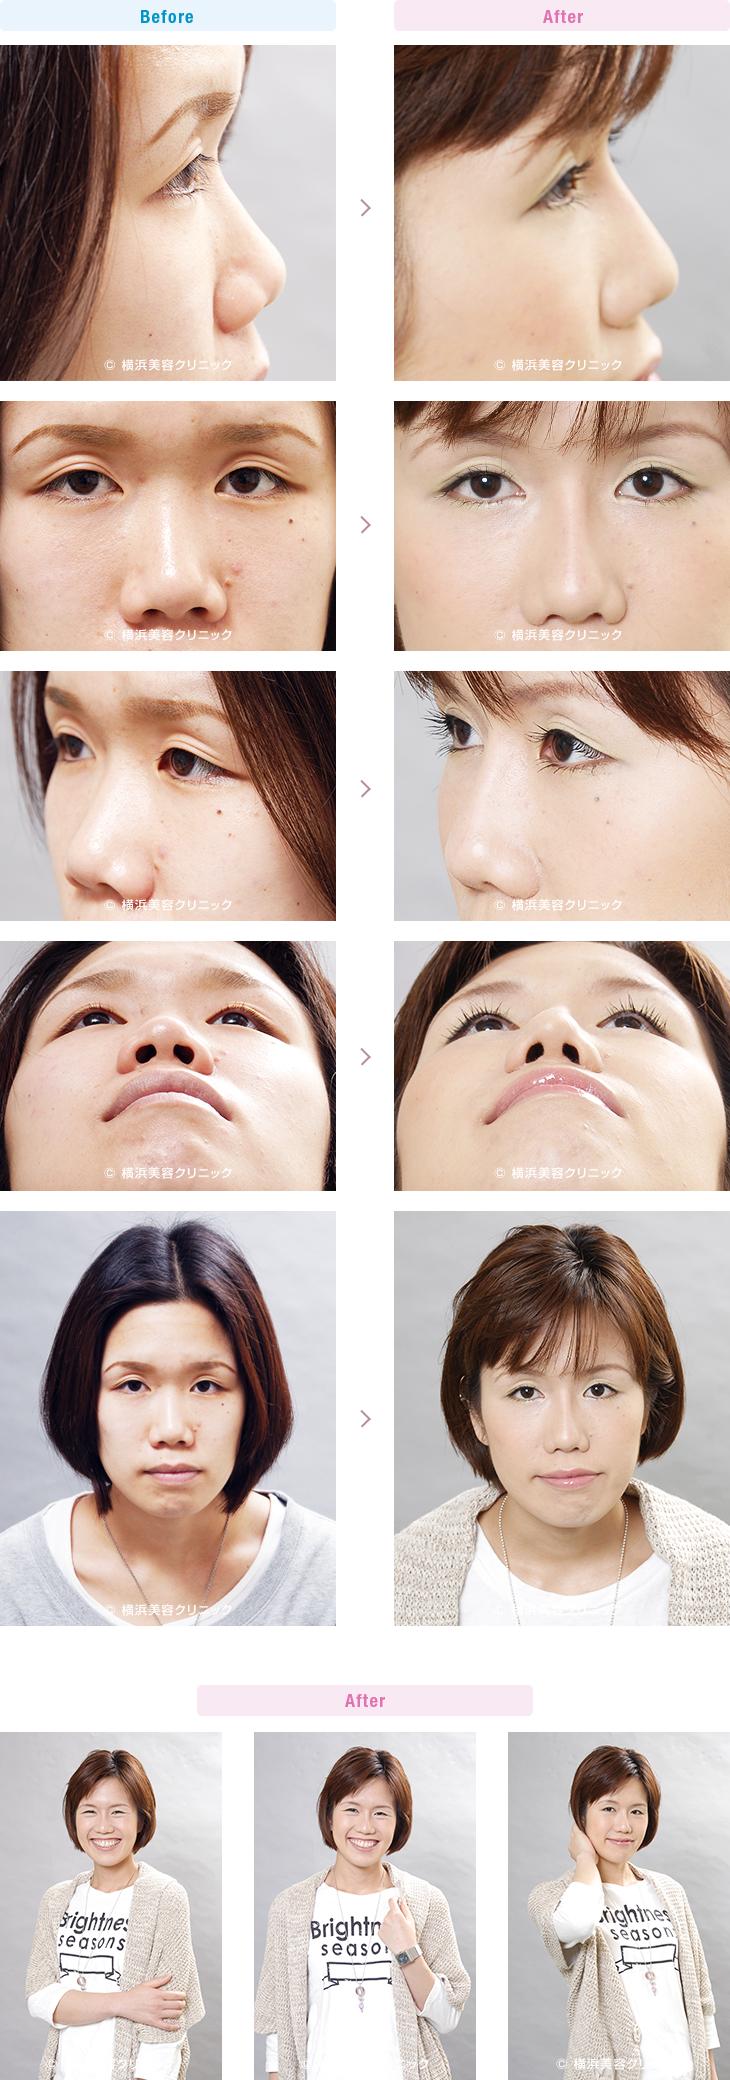 鼻(隆鼻術・整鼻術) 【20代女性】隆鼻術と小鼻縮小術の複合効果で、鼻筋が通った細くてキレイな鼻になりました。【横浜美容クリニック】